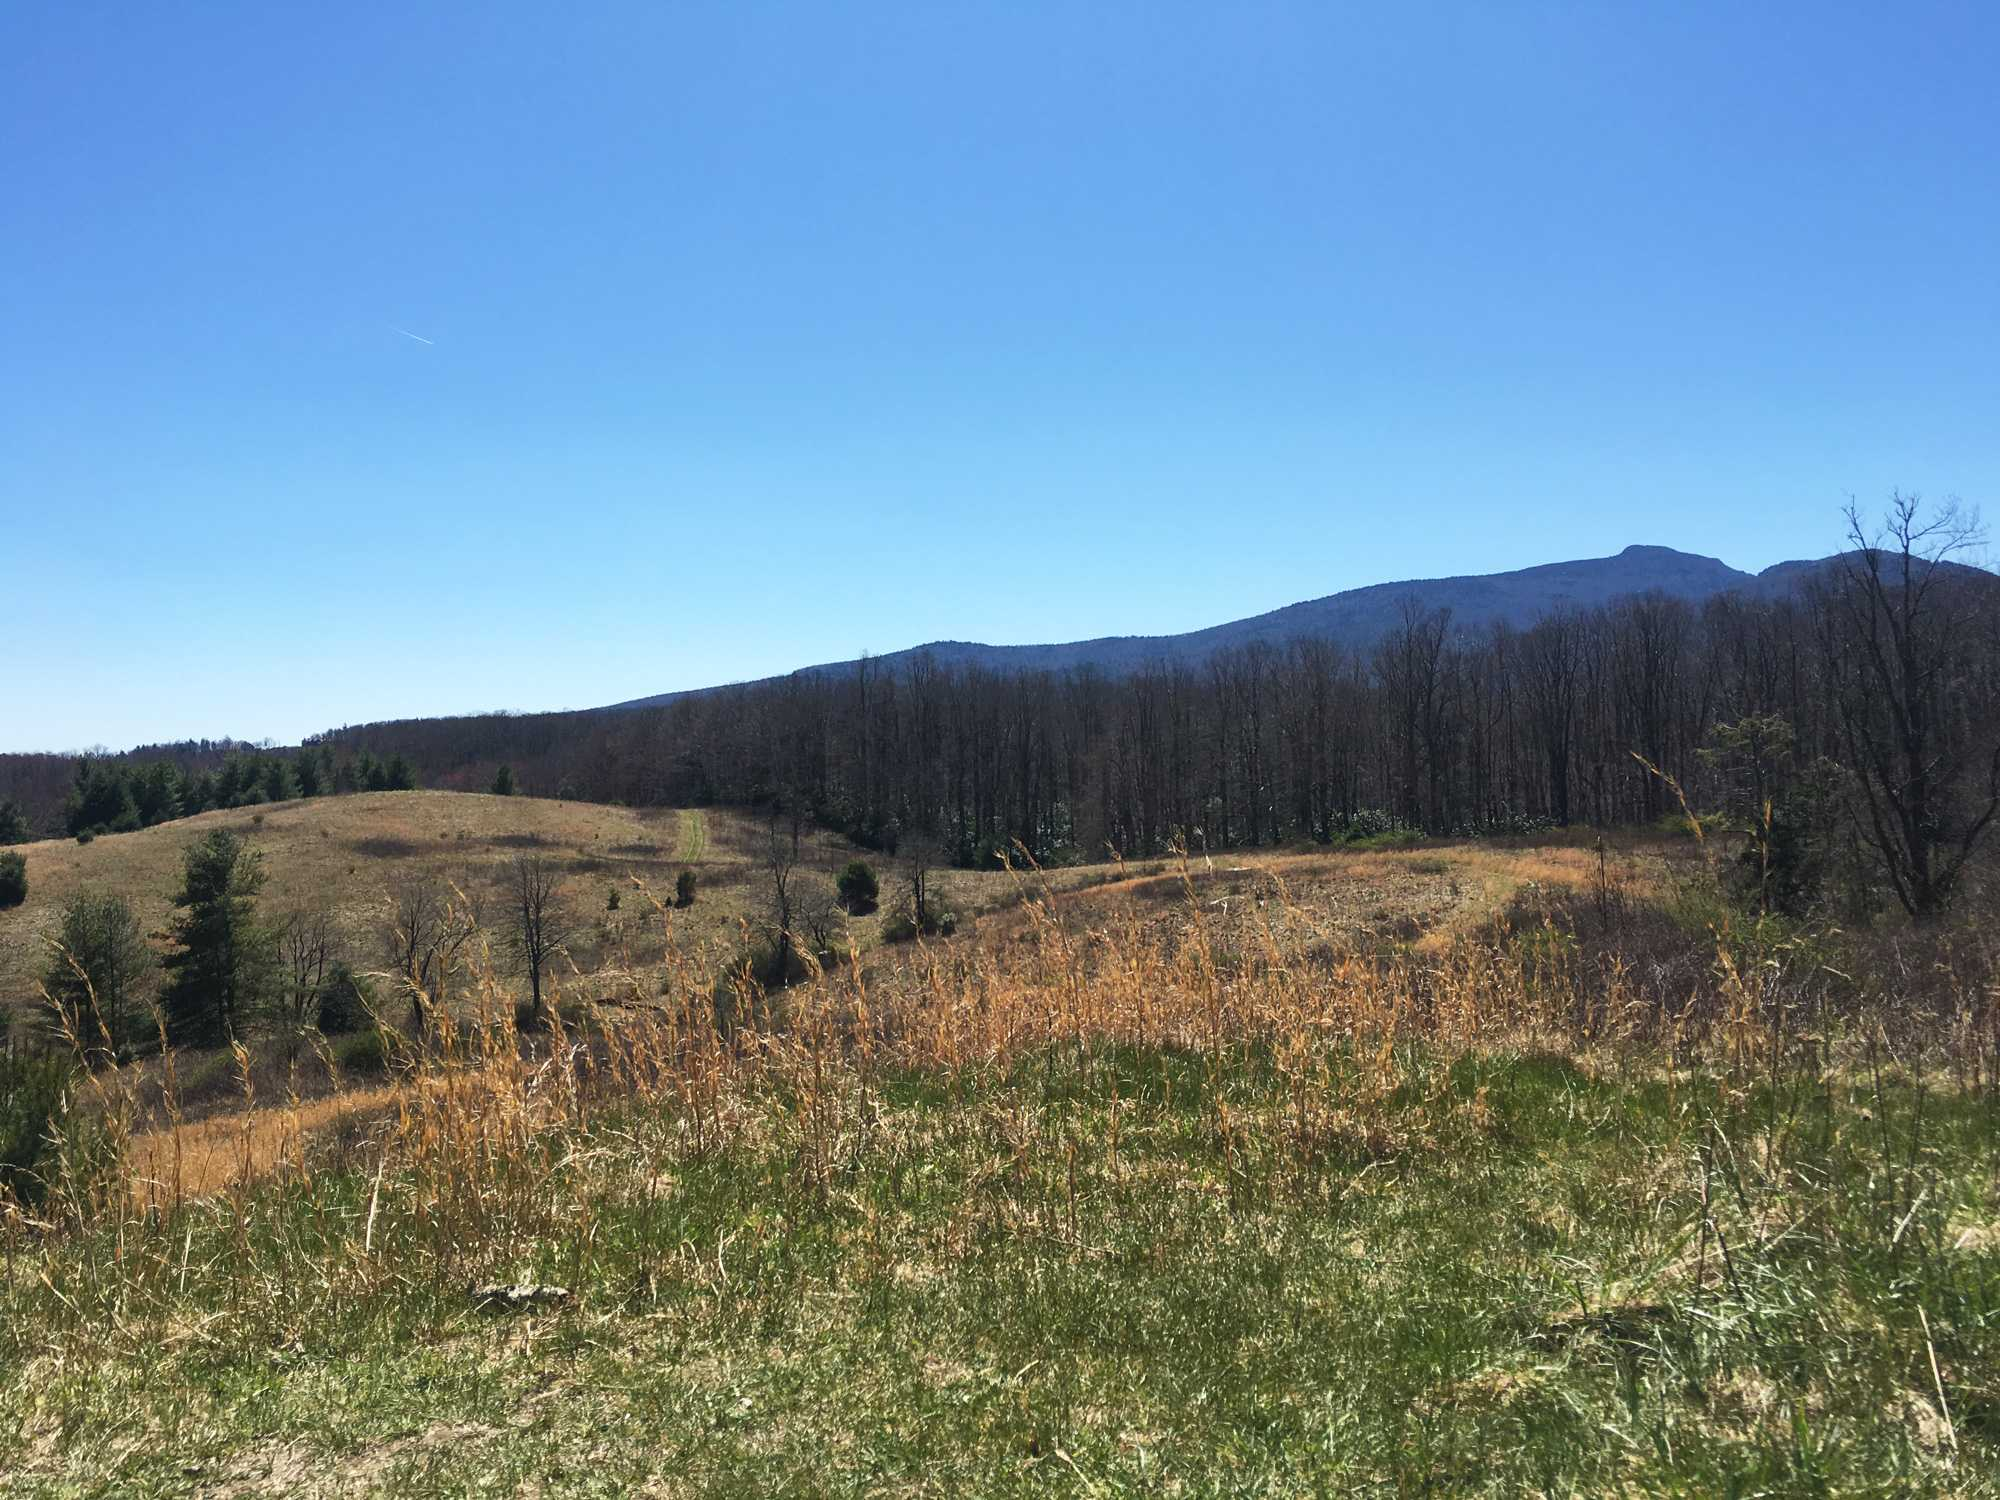 Hiking1_web_CeliaCalhoun